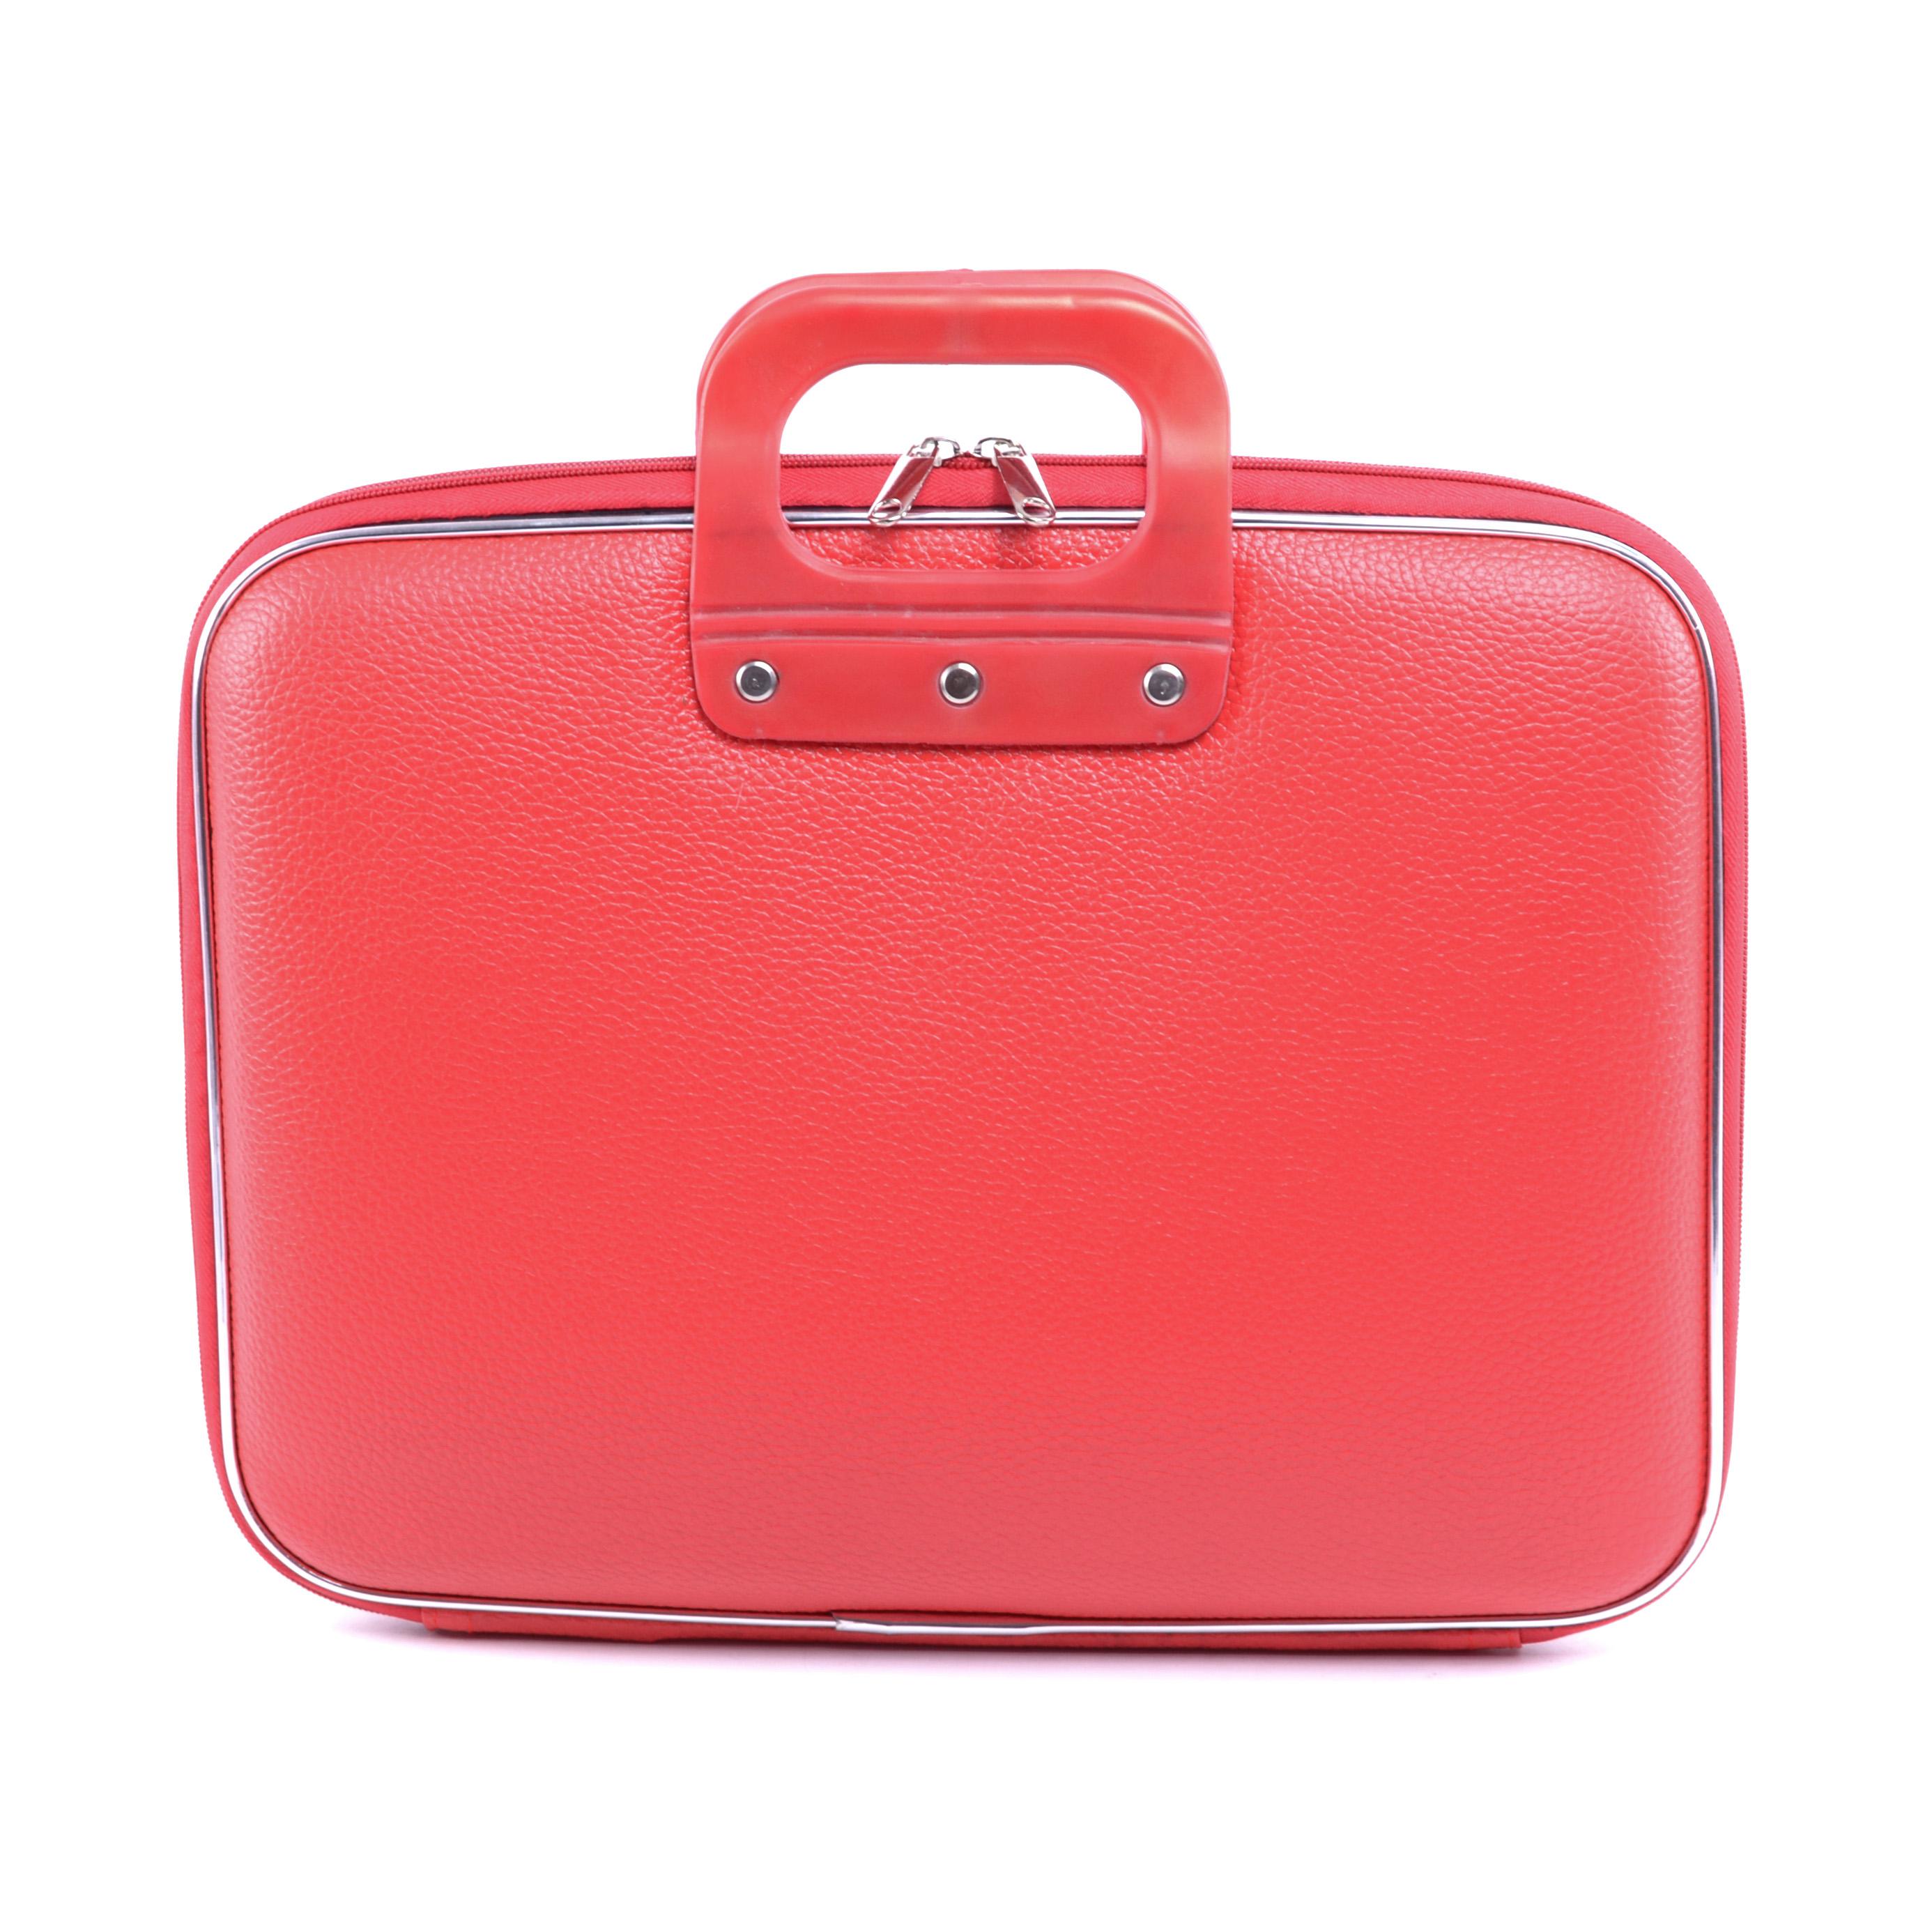 f2d091e9f452 Női Műbőr Laptoptáska Piros Közepes - LAPTOP TÁSKÁK - Táska webáruház -  Minőségi táskák mindenkinek